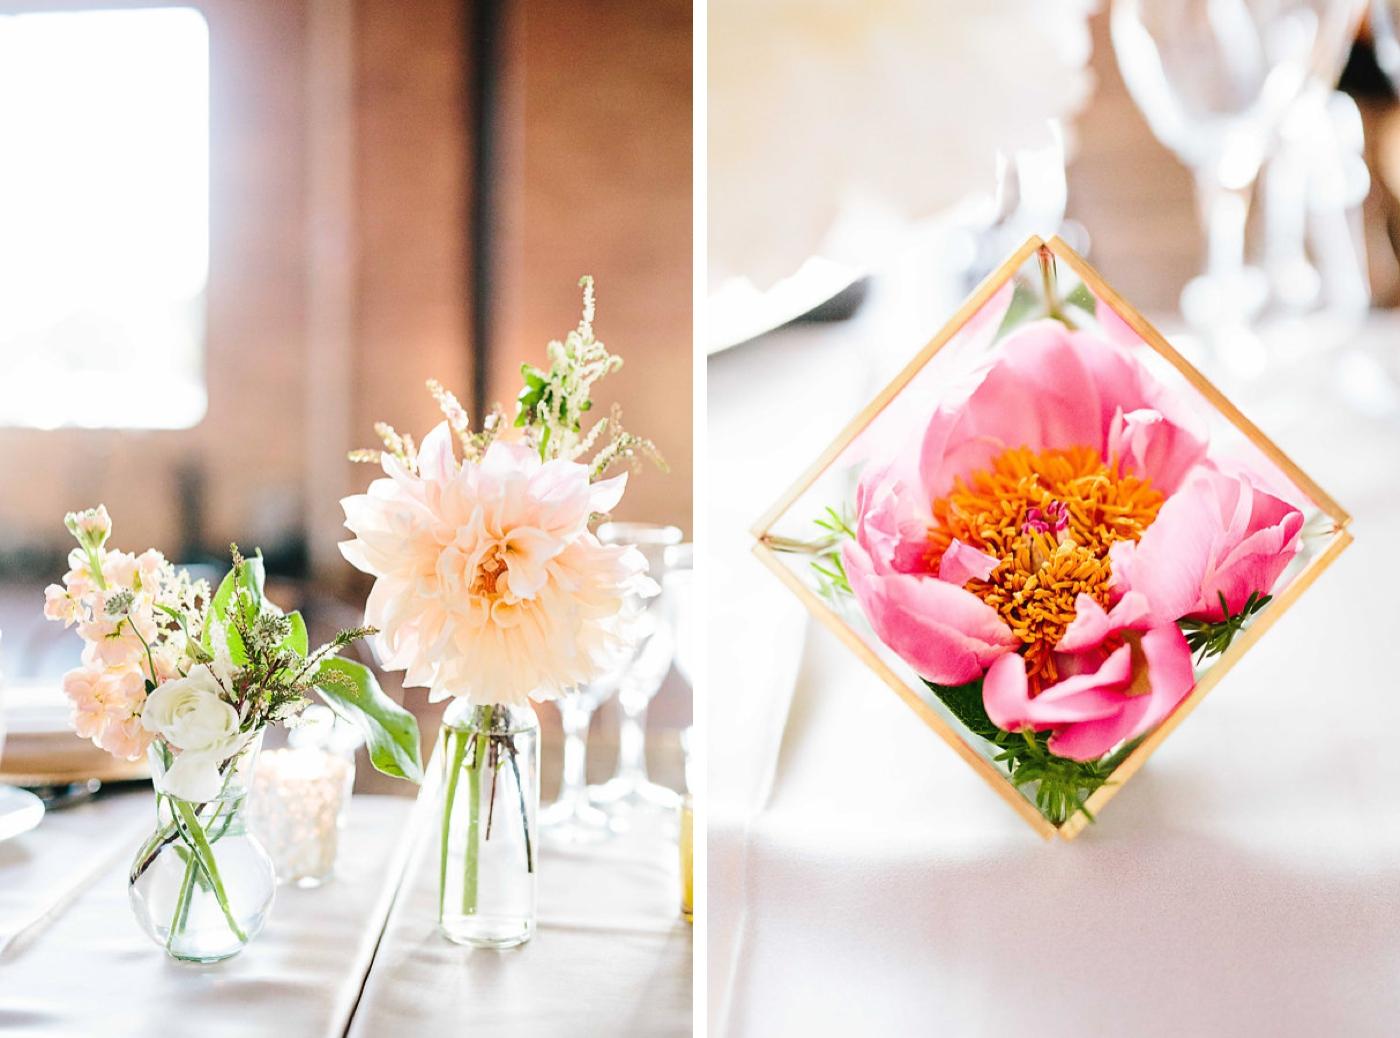 chicago-fine-art-wedding-photography-hrebic13